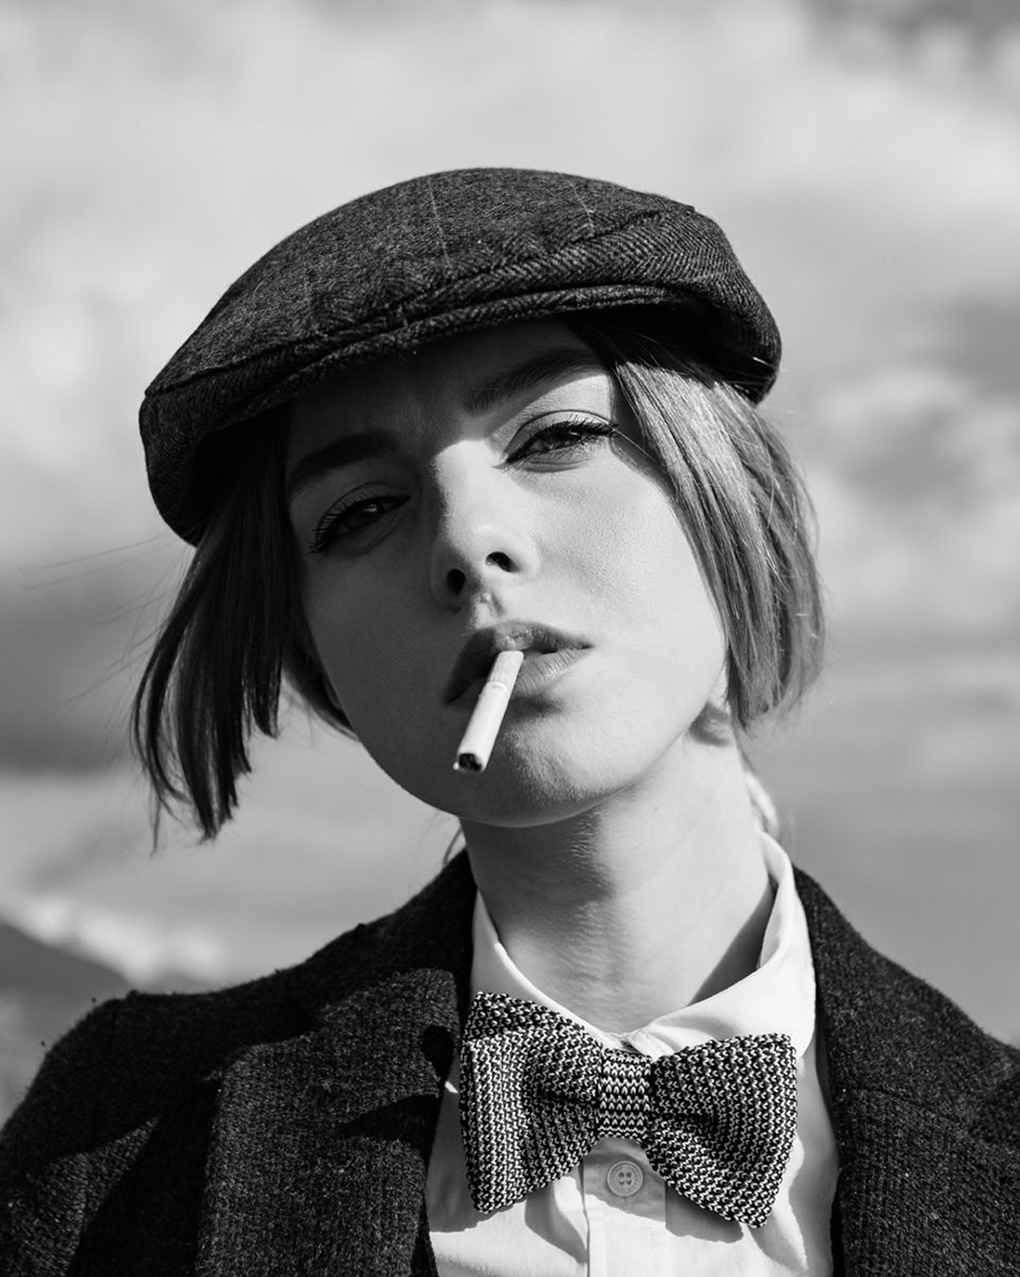 عکس غمگین سیگار کشیدن دختر , عکس سیگار الکترونیکی , پروفایل دخترونه سیگار کشیدن